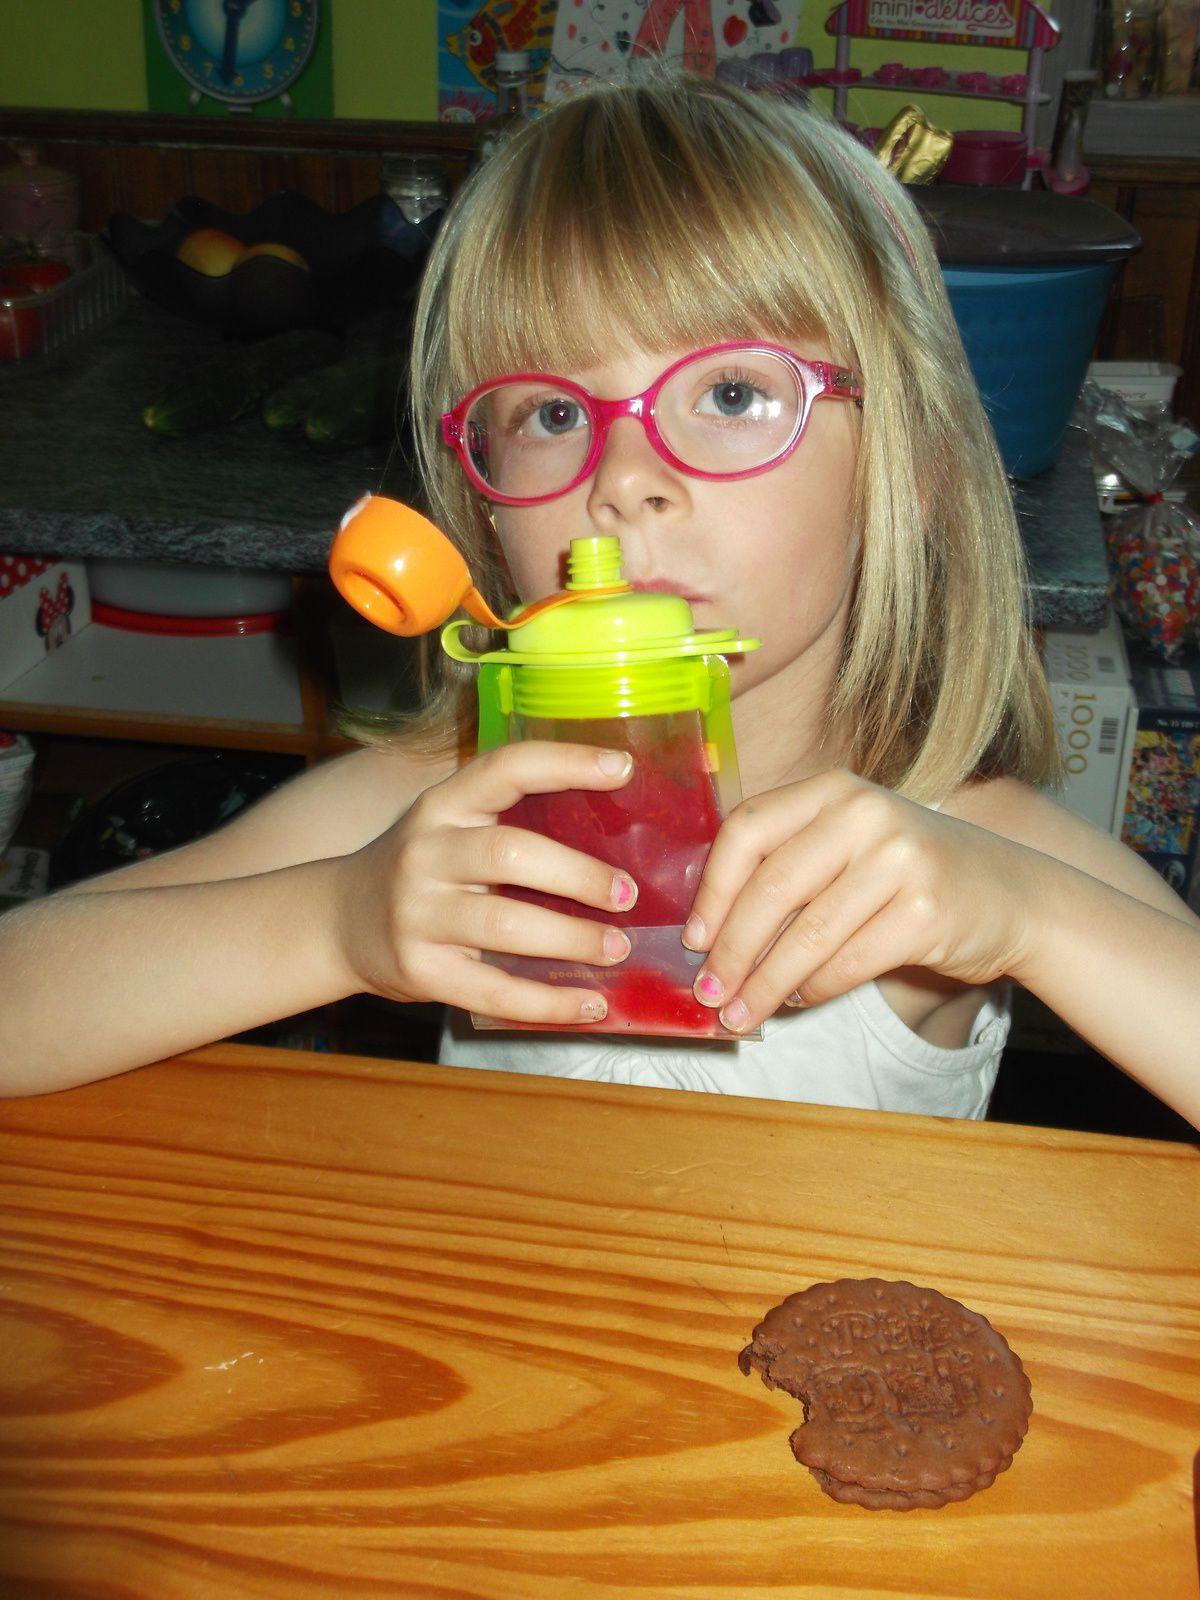 des gourdes a remplir a ce prix la !!! moi j'achète pour le plus grand bonheur de ma Lily : compote pommes + framboises (du jardin)